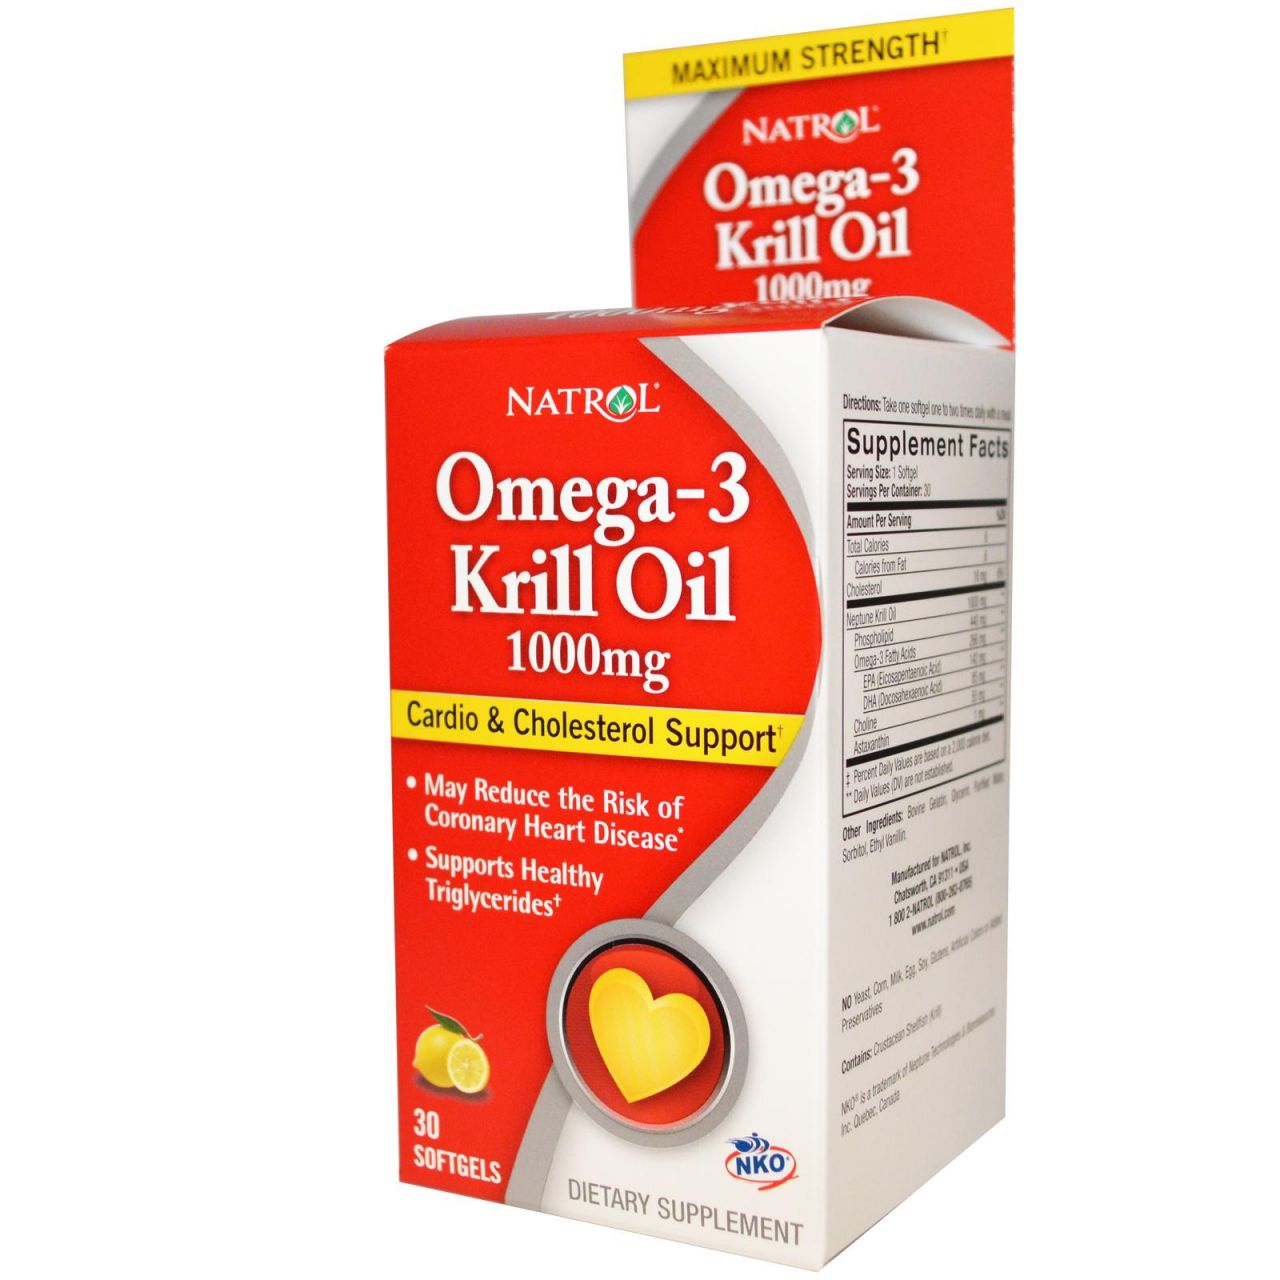 Natrol Omega-3 Krill Oil 1000mg